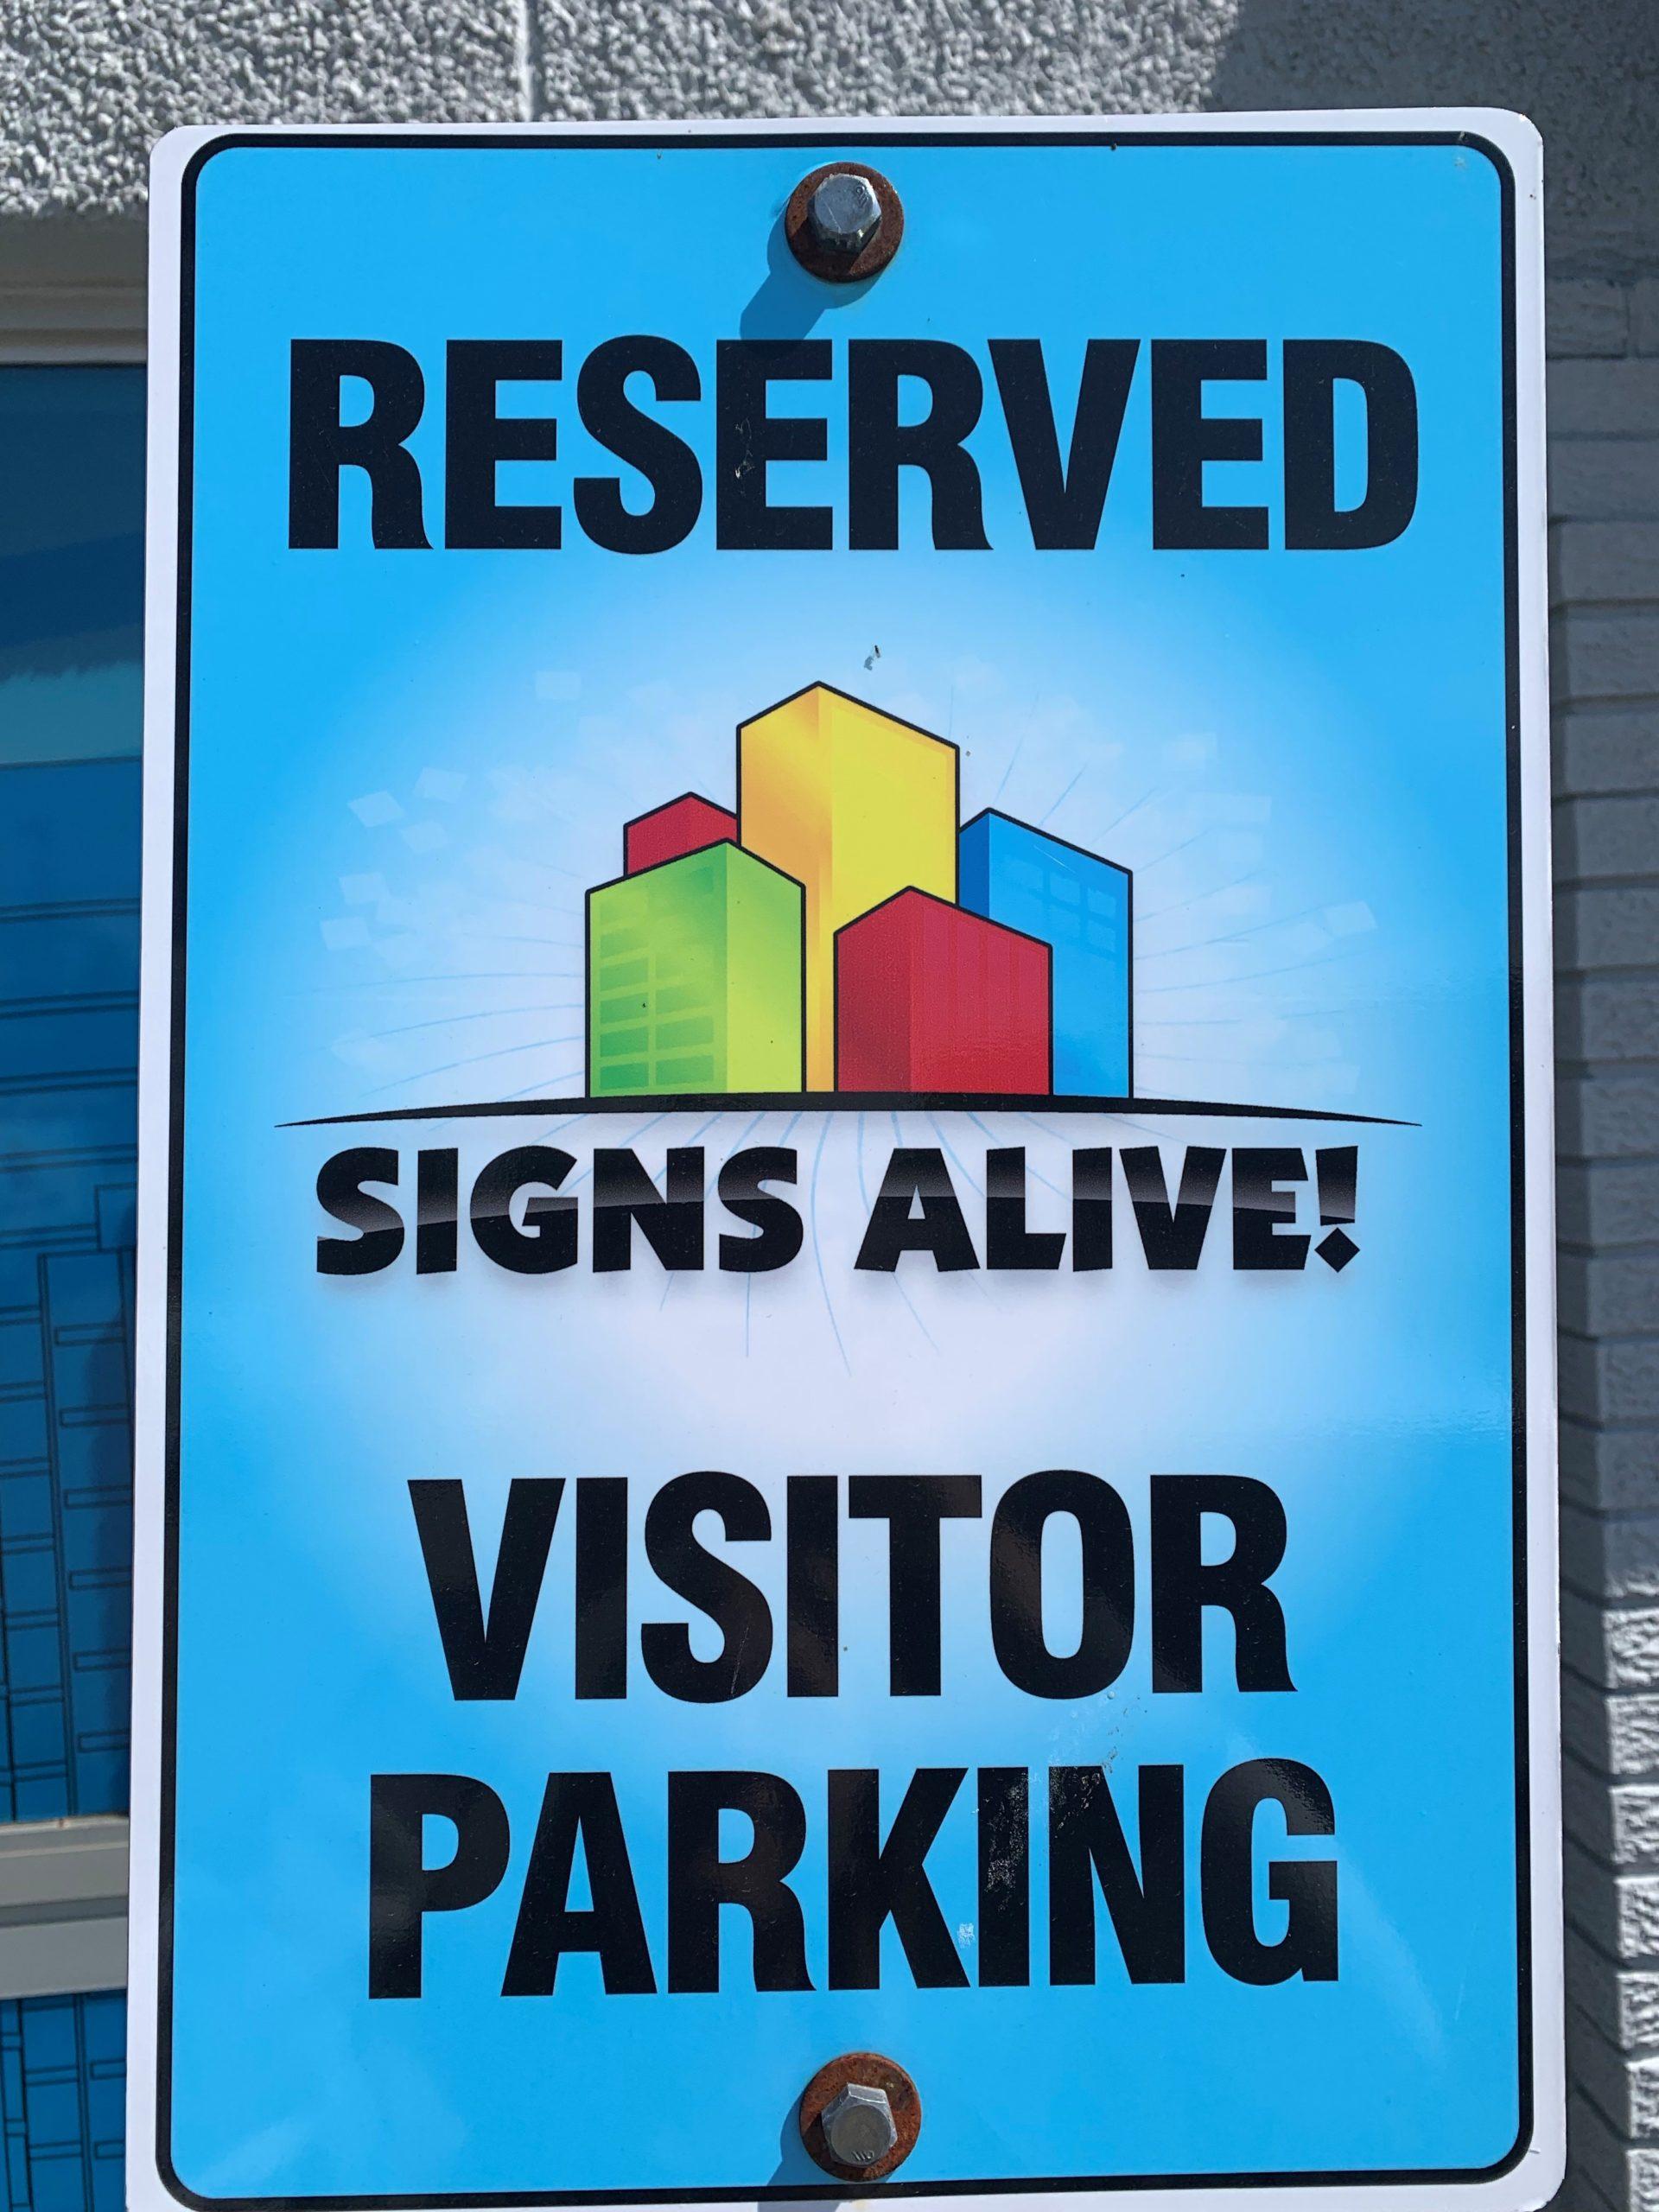 Signs alive parking sign 2